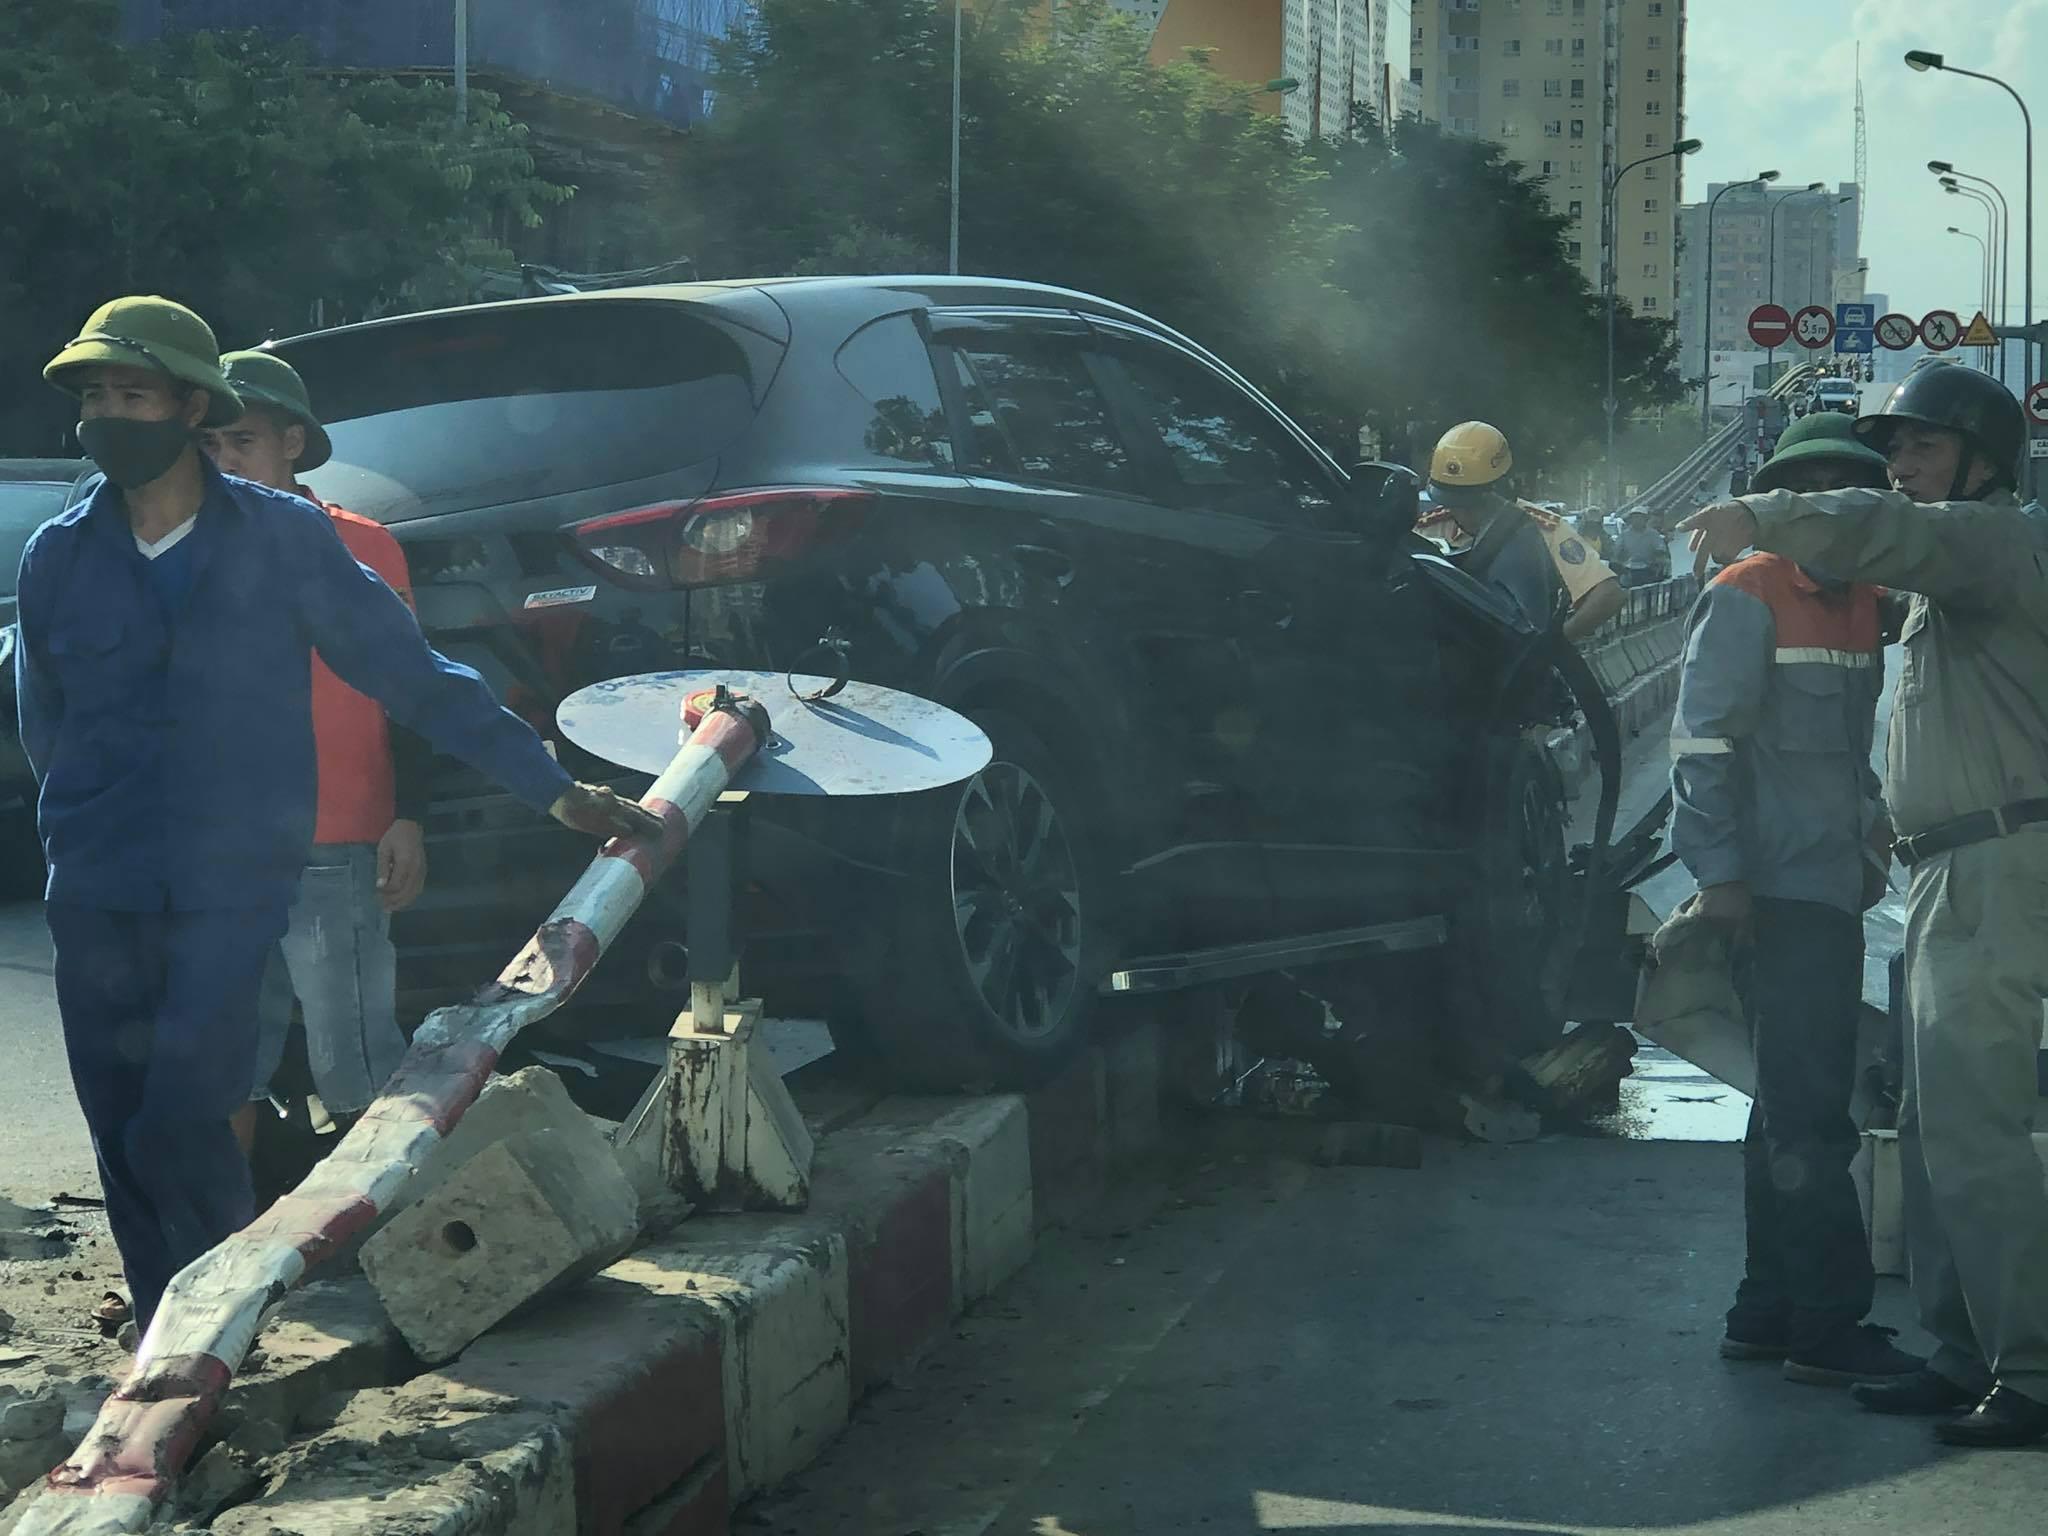 Hà Nội: 'Xế hộp' húc tung dải phân cách trên đường Hoàng Minh Giám Ảnh 1